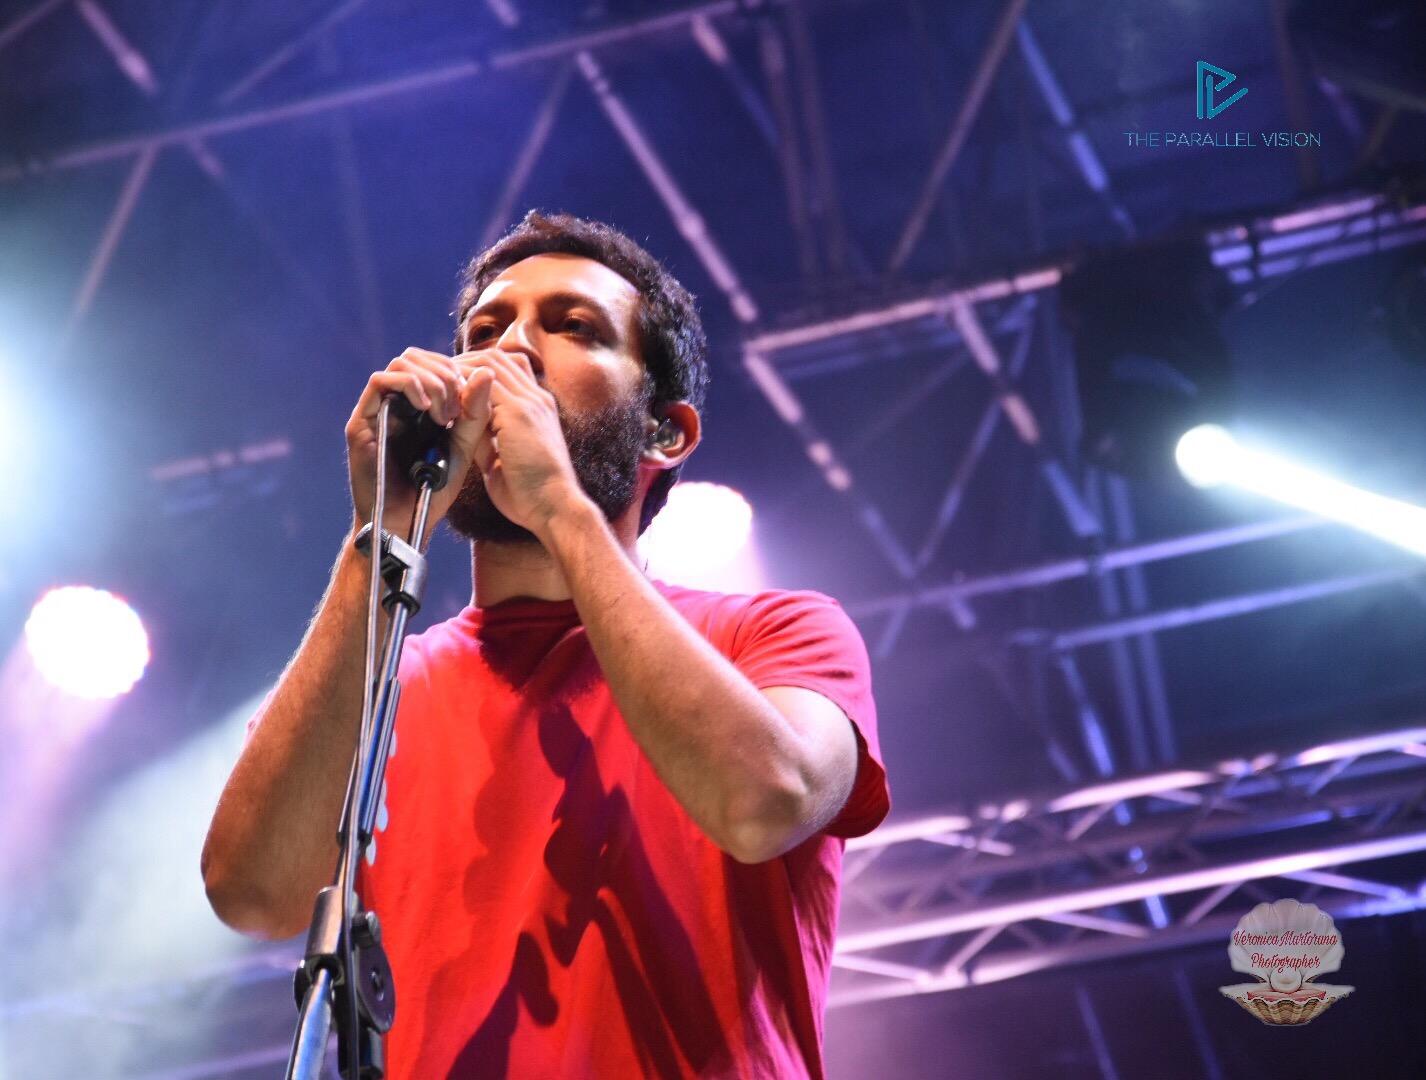 ragazzo-microfono-maglietta-rossa